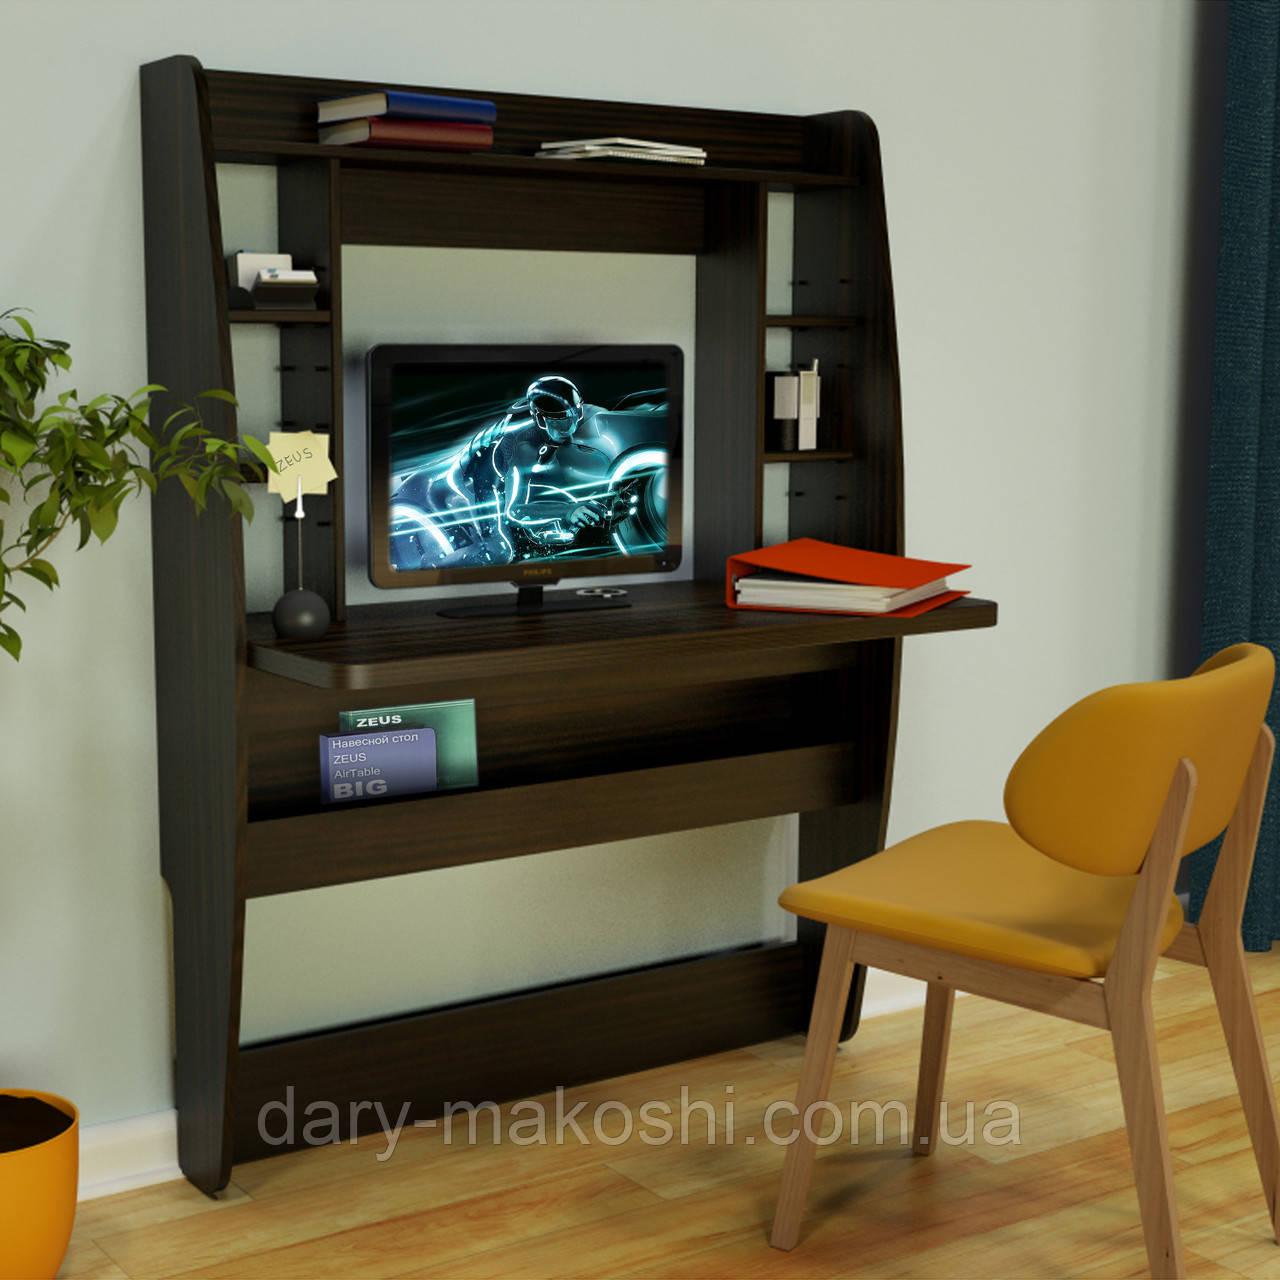 """Навесной компьютерный стол """"ZEUS"""" AirTable BIG"""